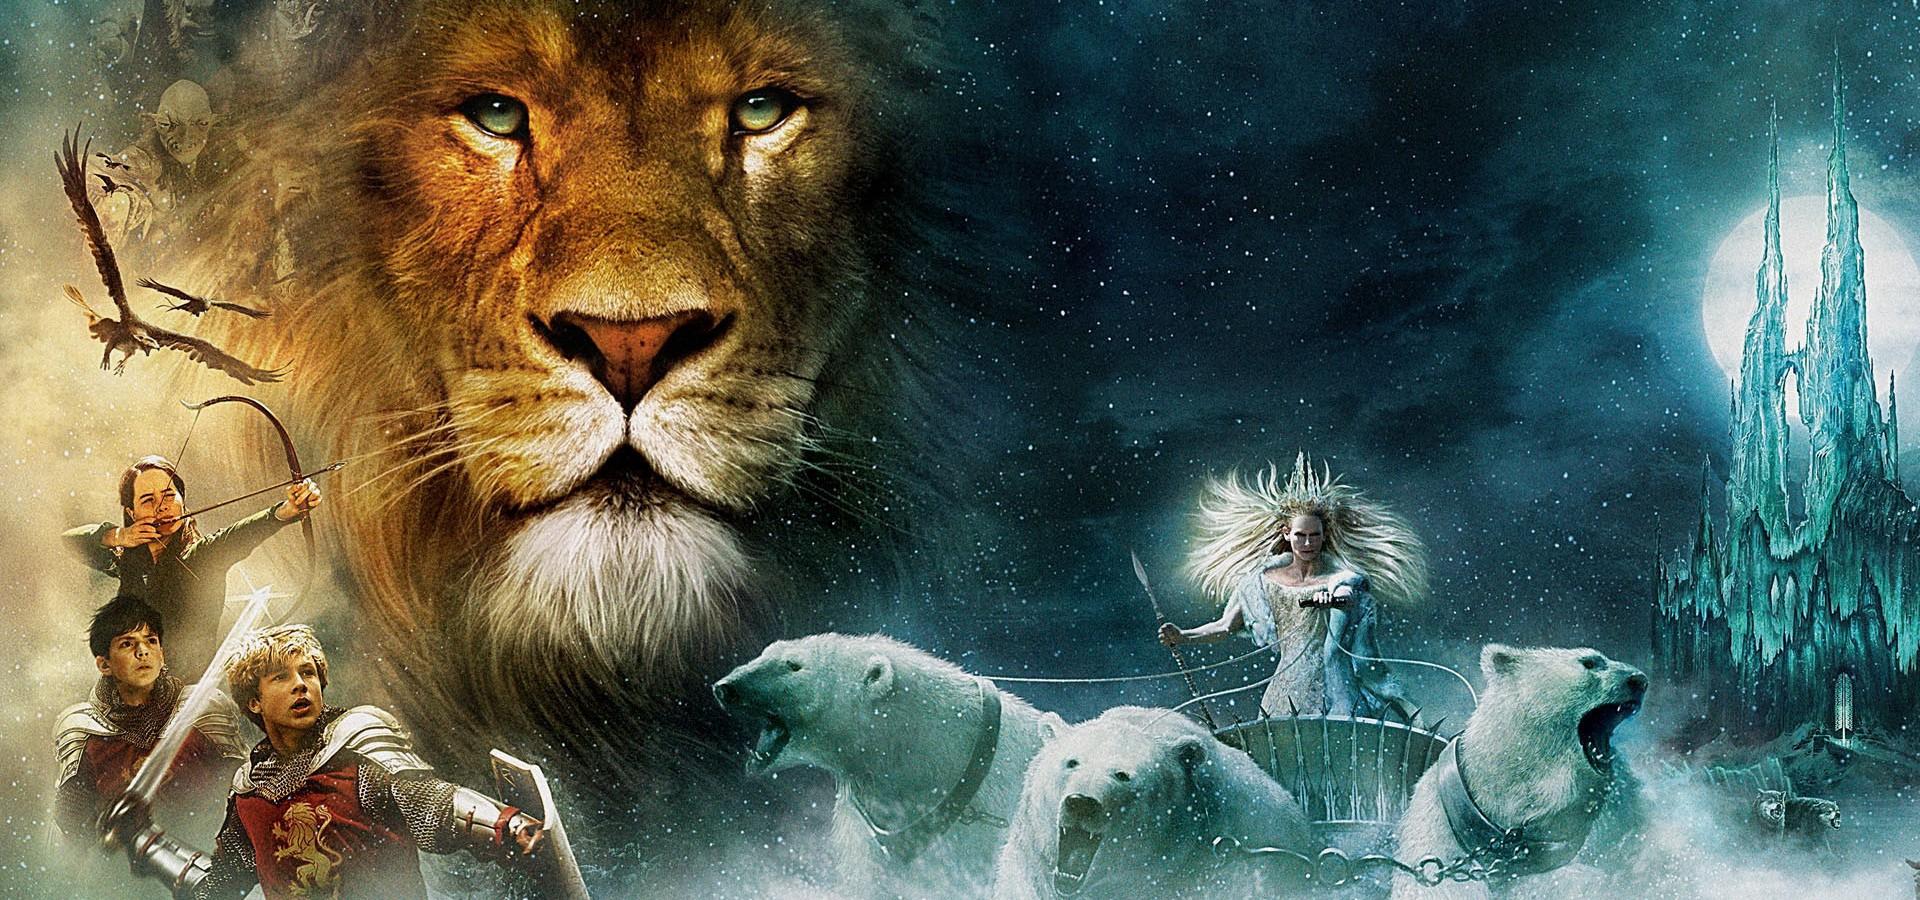 Cronicile din Narnia: Leul, vrăjitoarea și dulapul